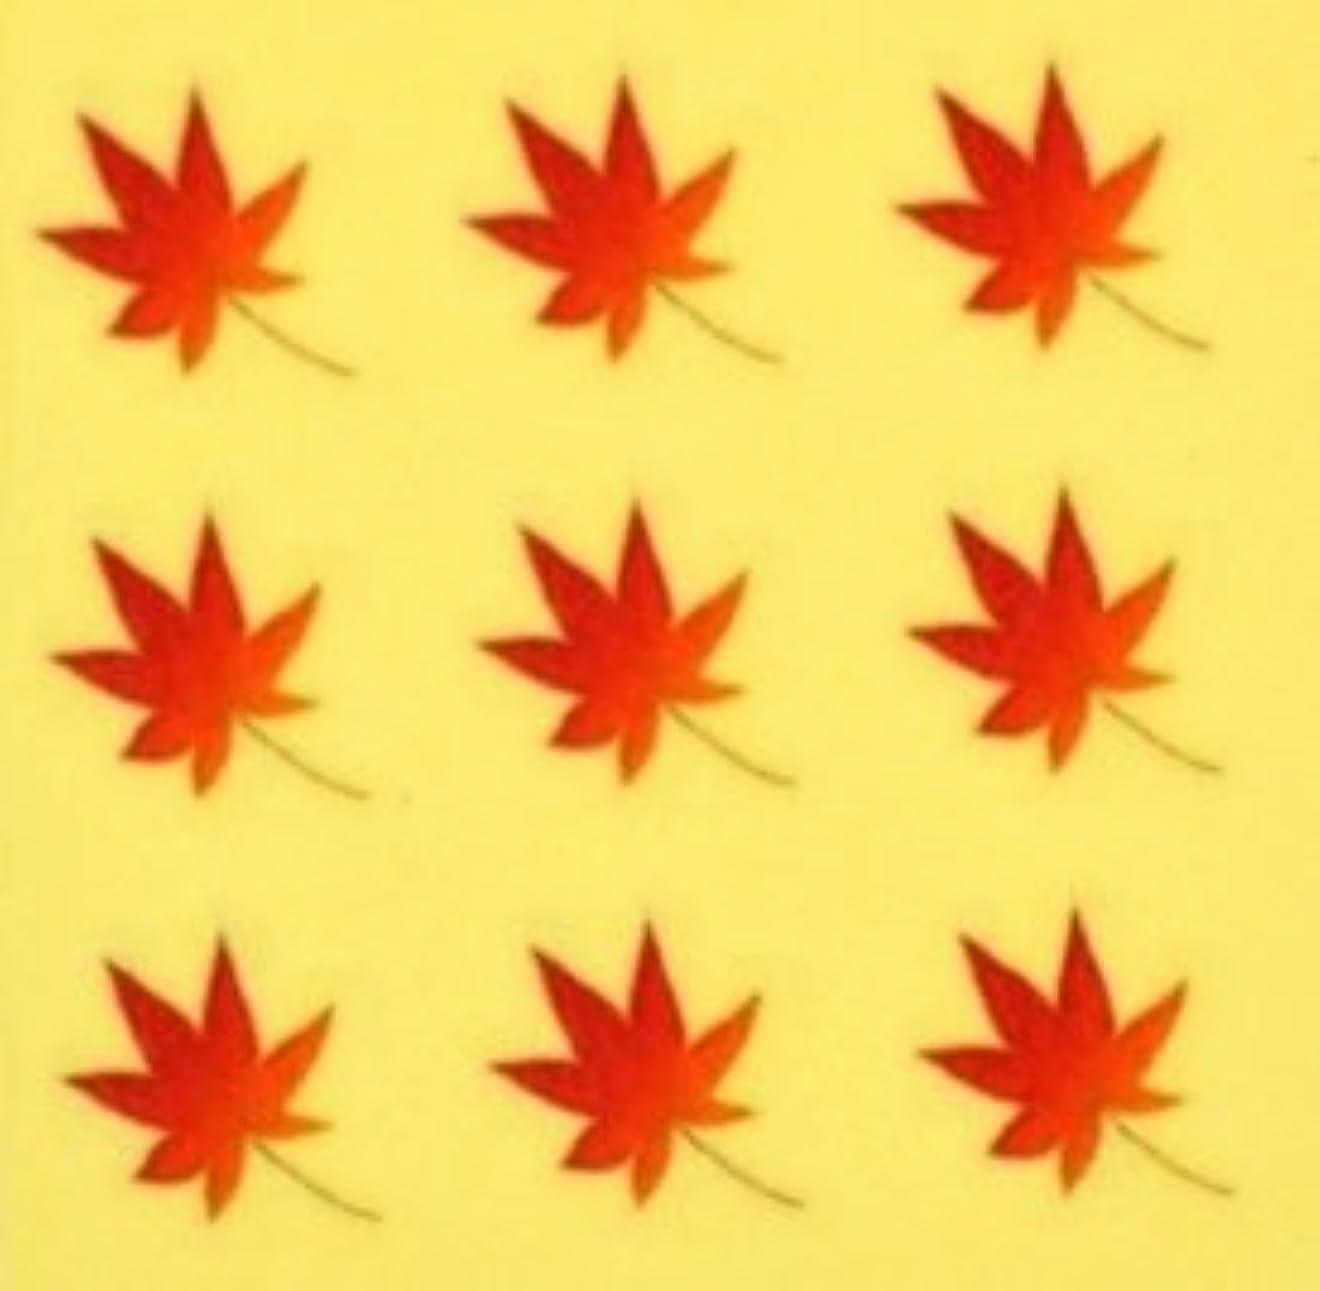 に負ける魔術ベッツィトロットウッド紅葉?秋【ネイルデザインシール】もみじ(1)/1シート9枚入